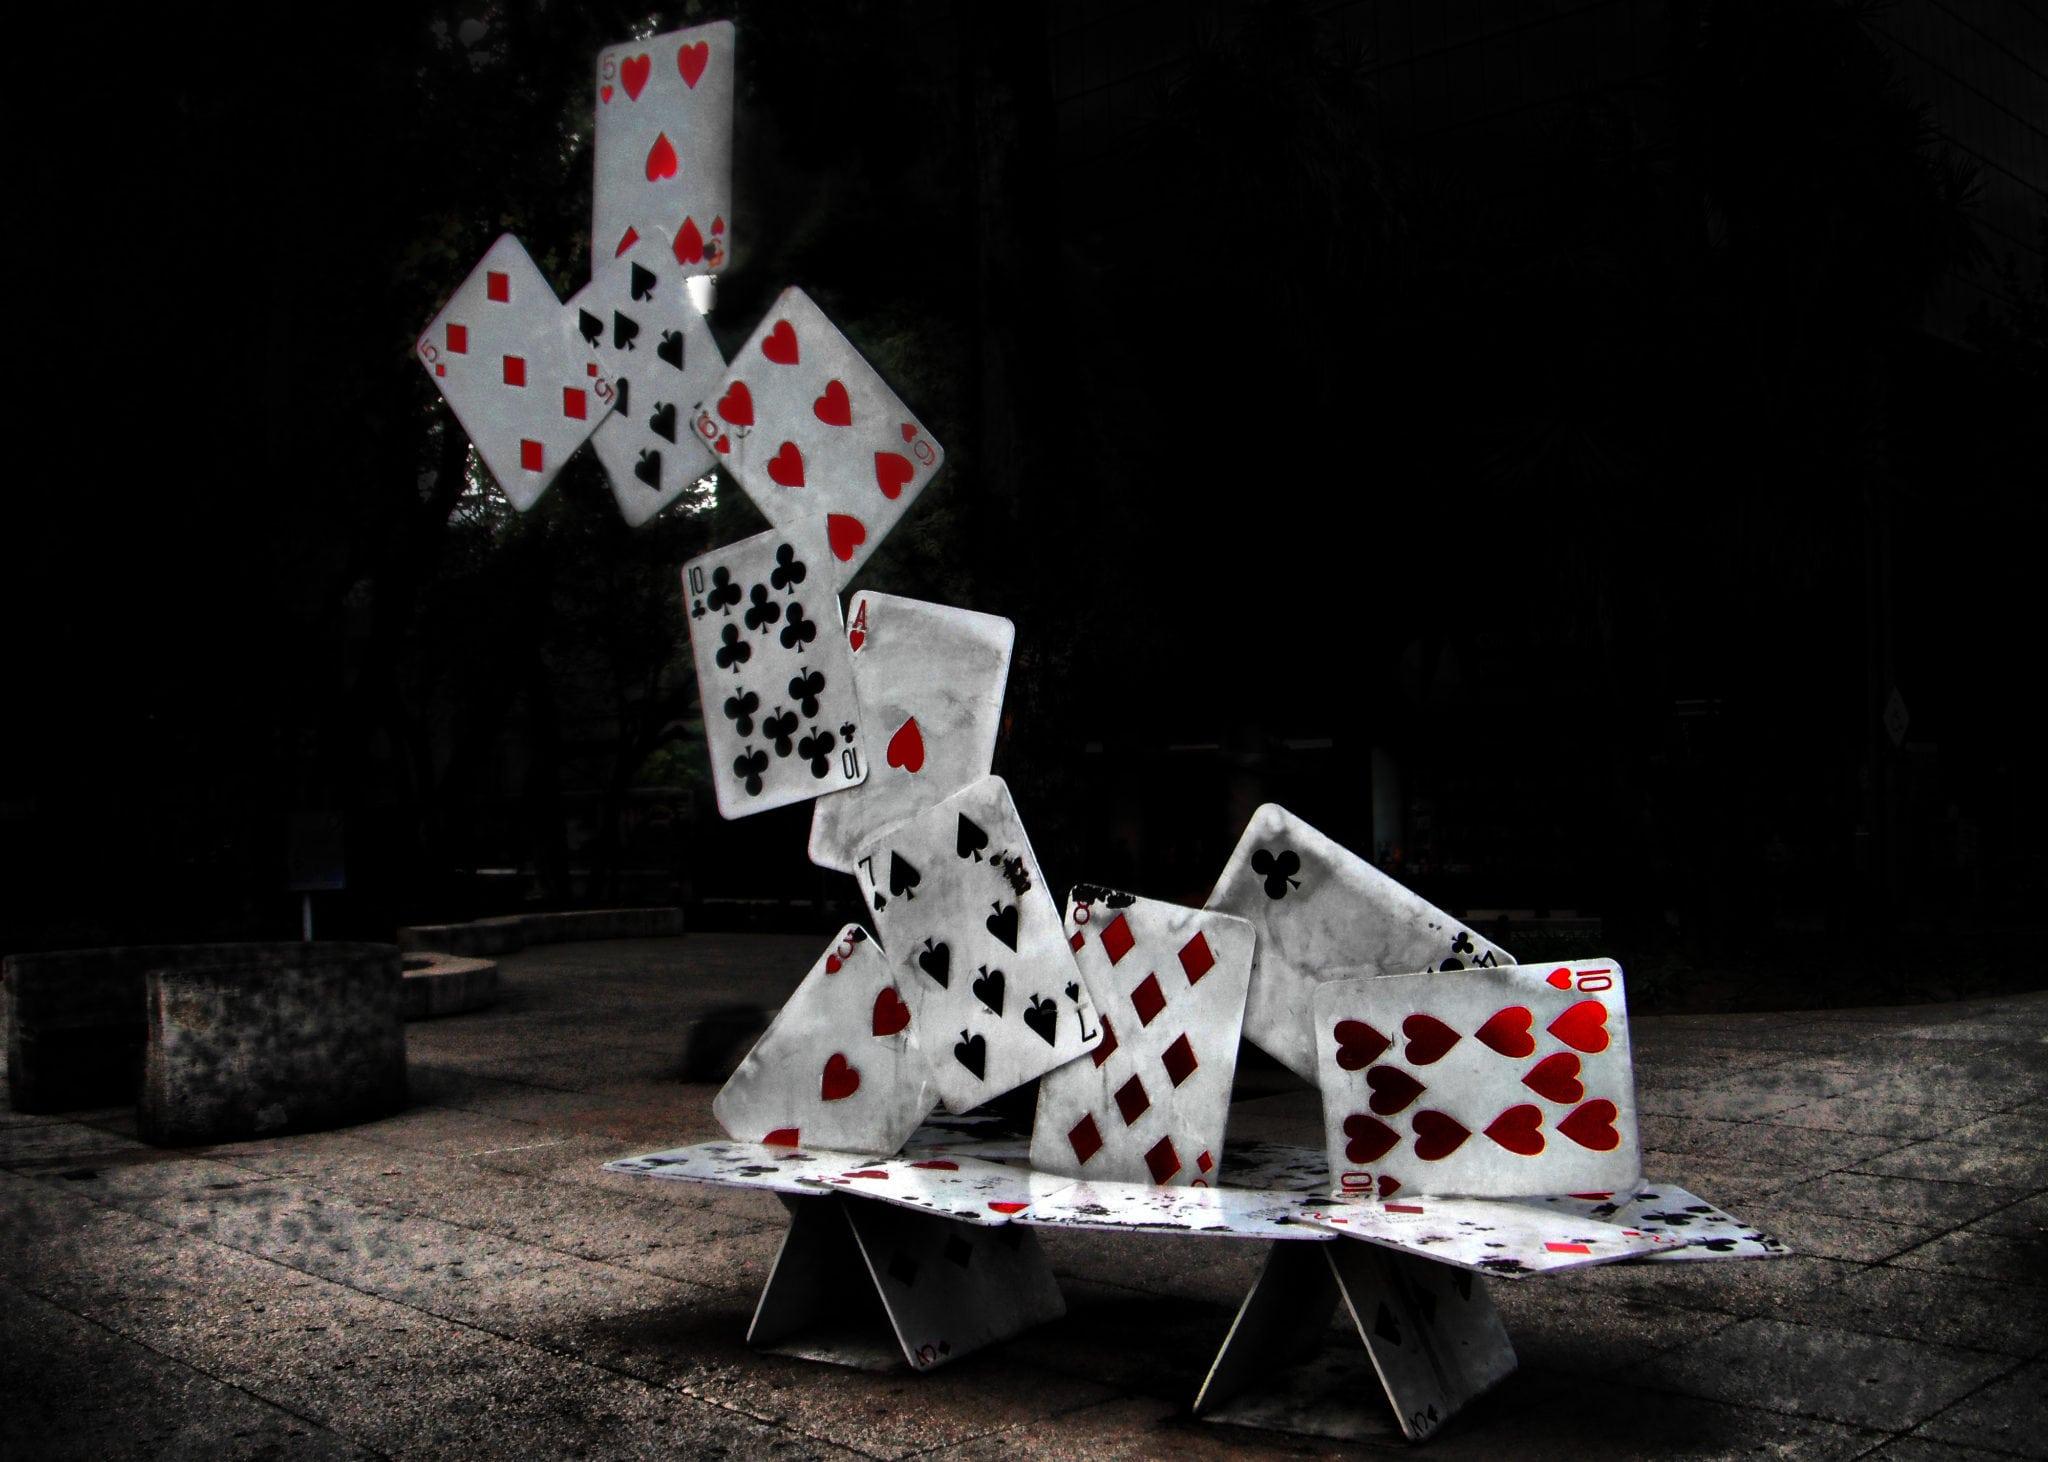 taruhan dalam kasino dalam talian kurang dari 50r